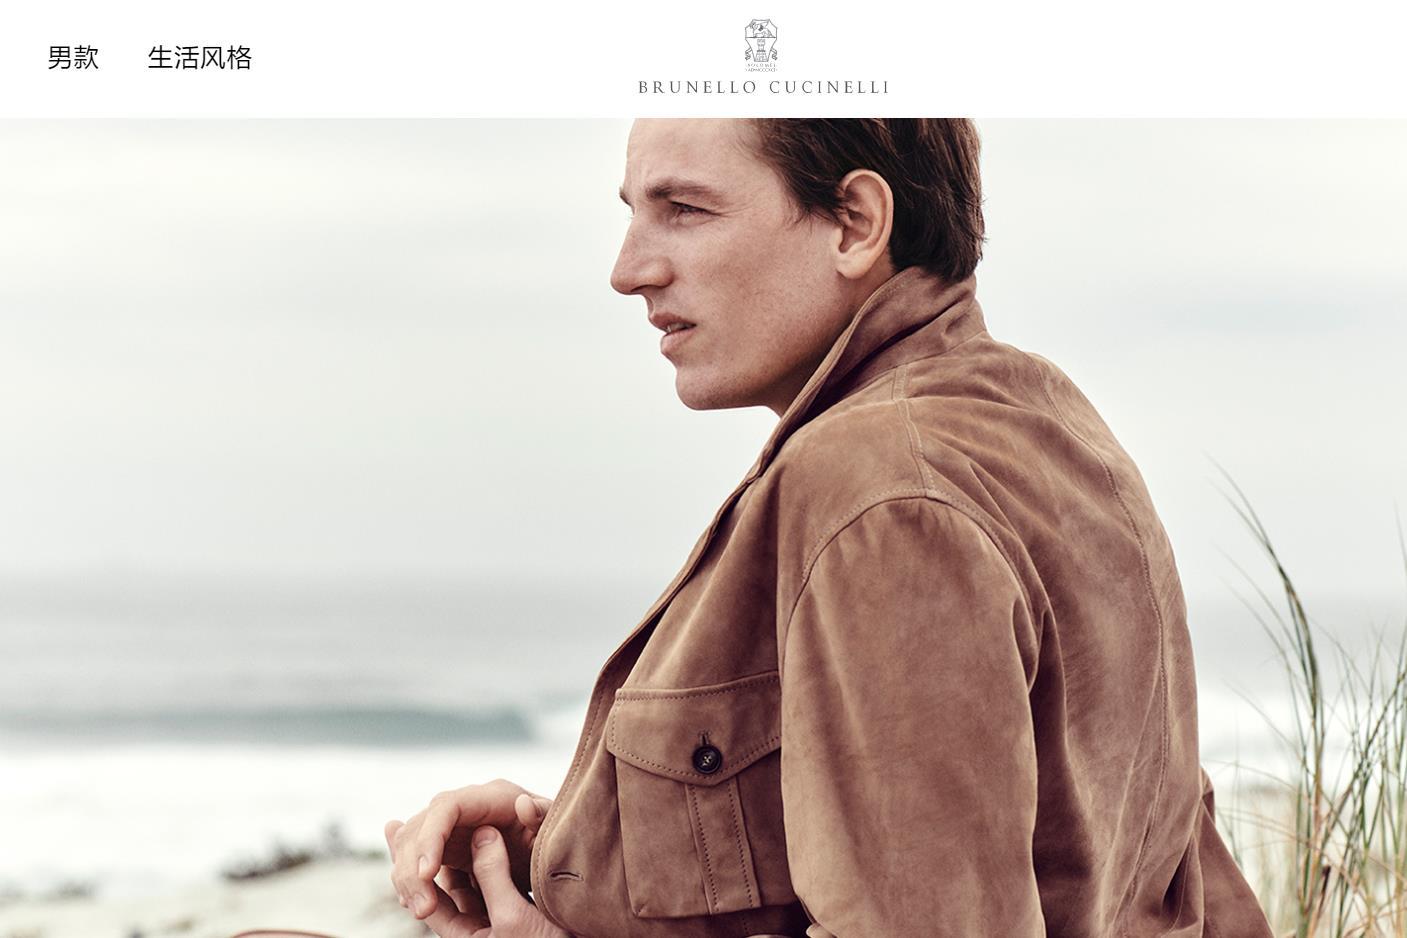 意大利奢侈品牌 Brunello Cucinelli 创始人计划将于一年内退居二线,品牌将在下半年推出童装